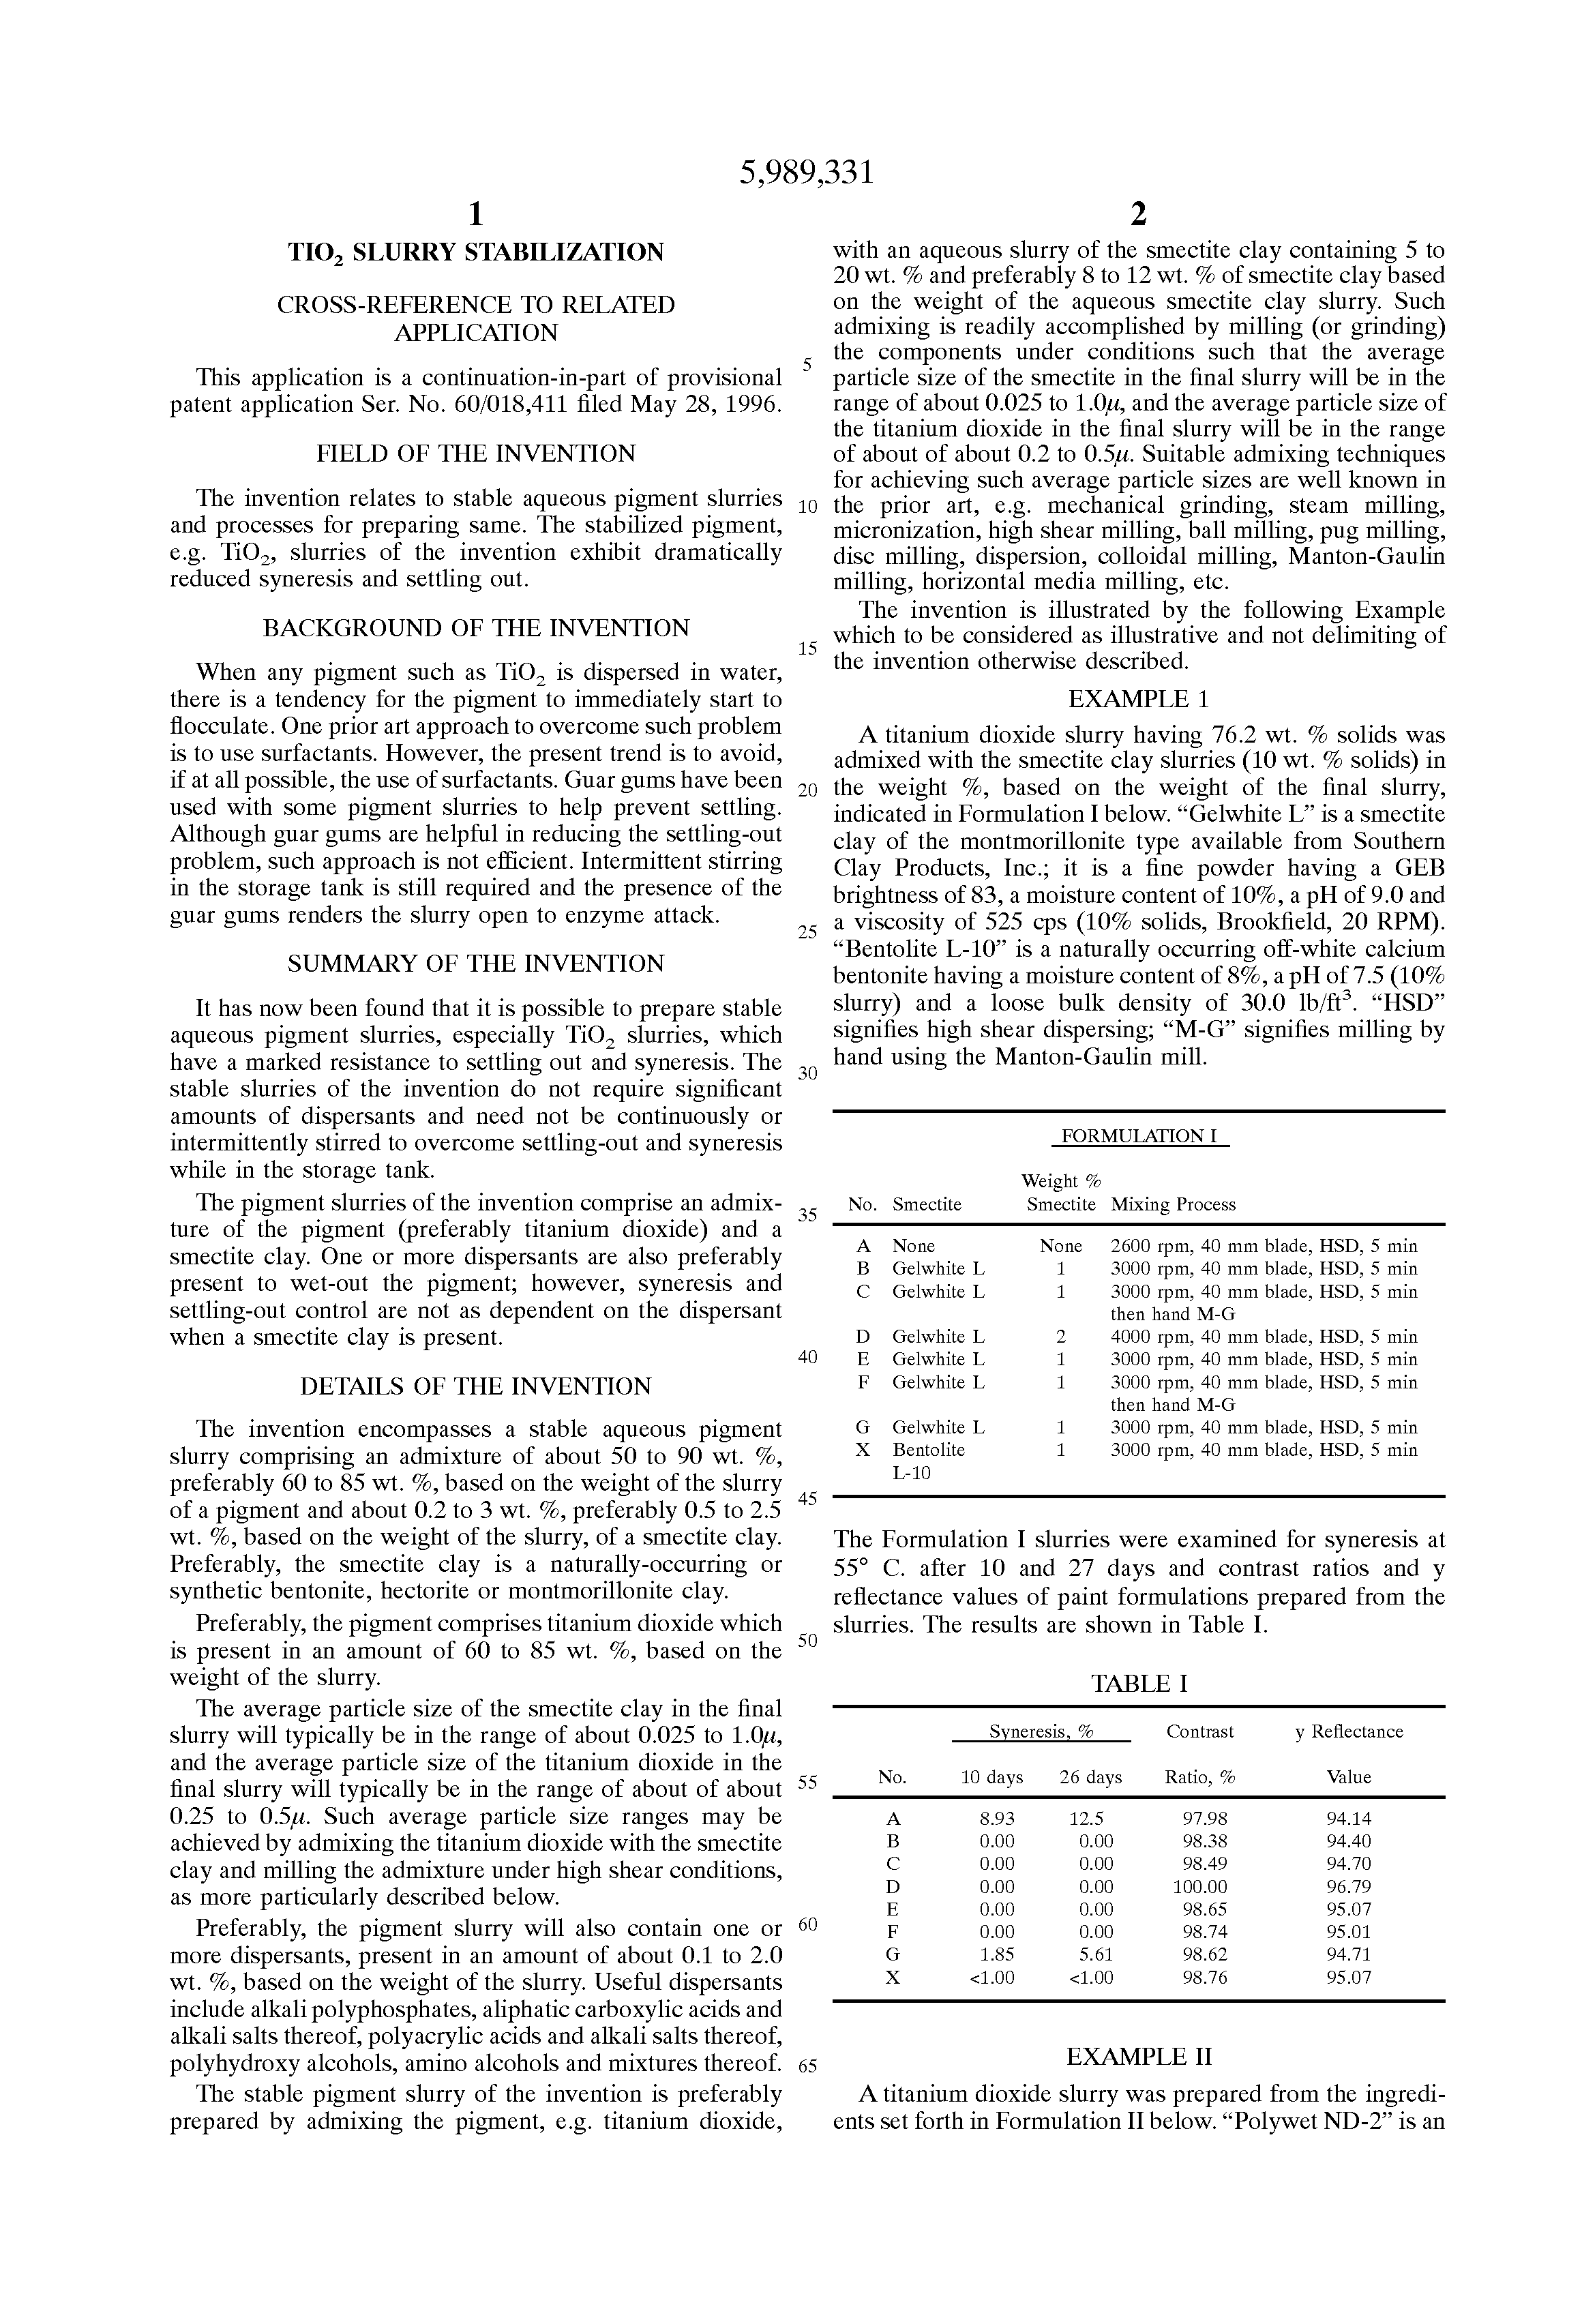 براءة الاختراع US5989331 - TiO2 slurry stabilization - براءات اختراع